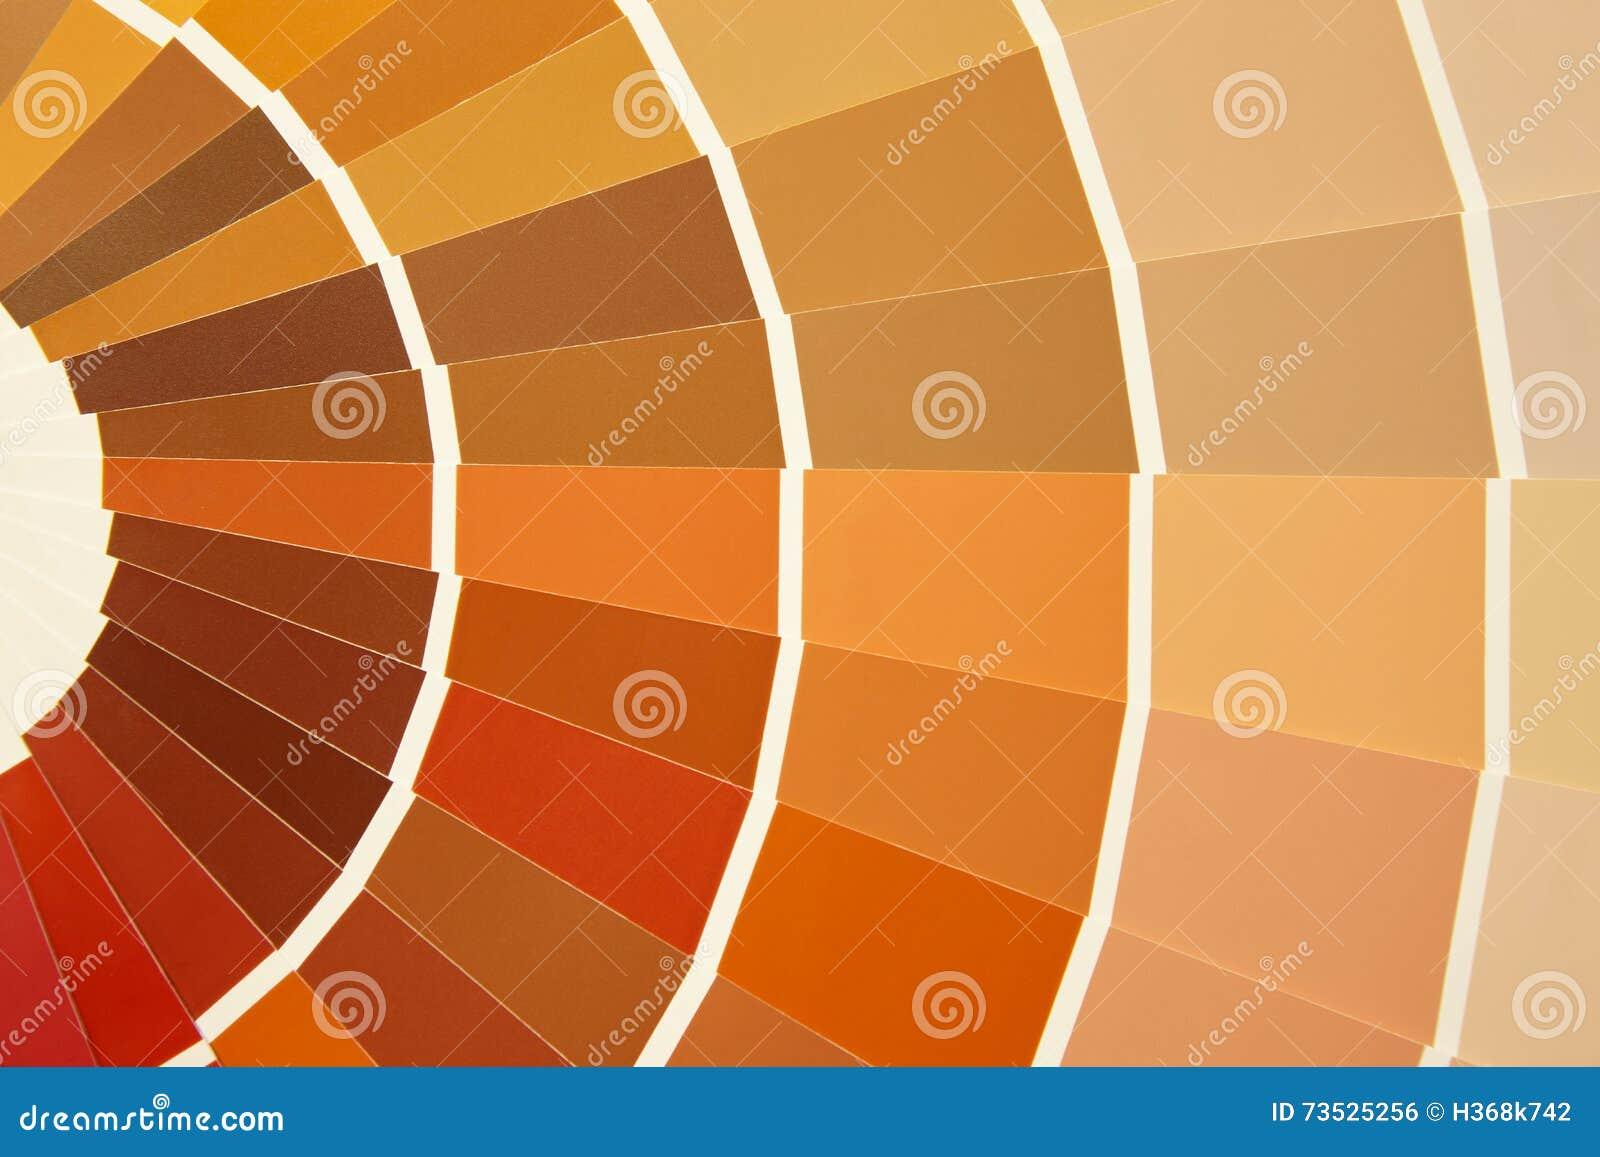 palette de couleurs de carte dans des tons chauds brun jaune orange photo stock image du. Black Bedroom Furniture Sets. Home Design Ideas